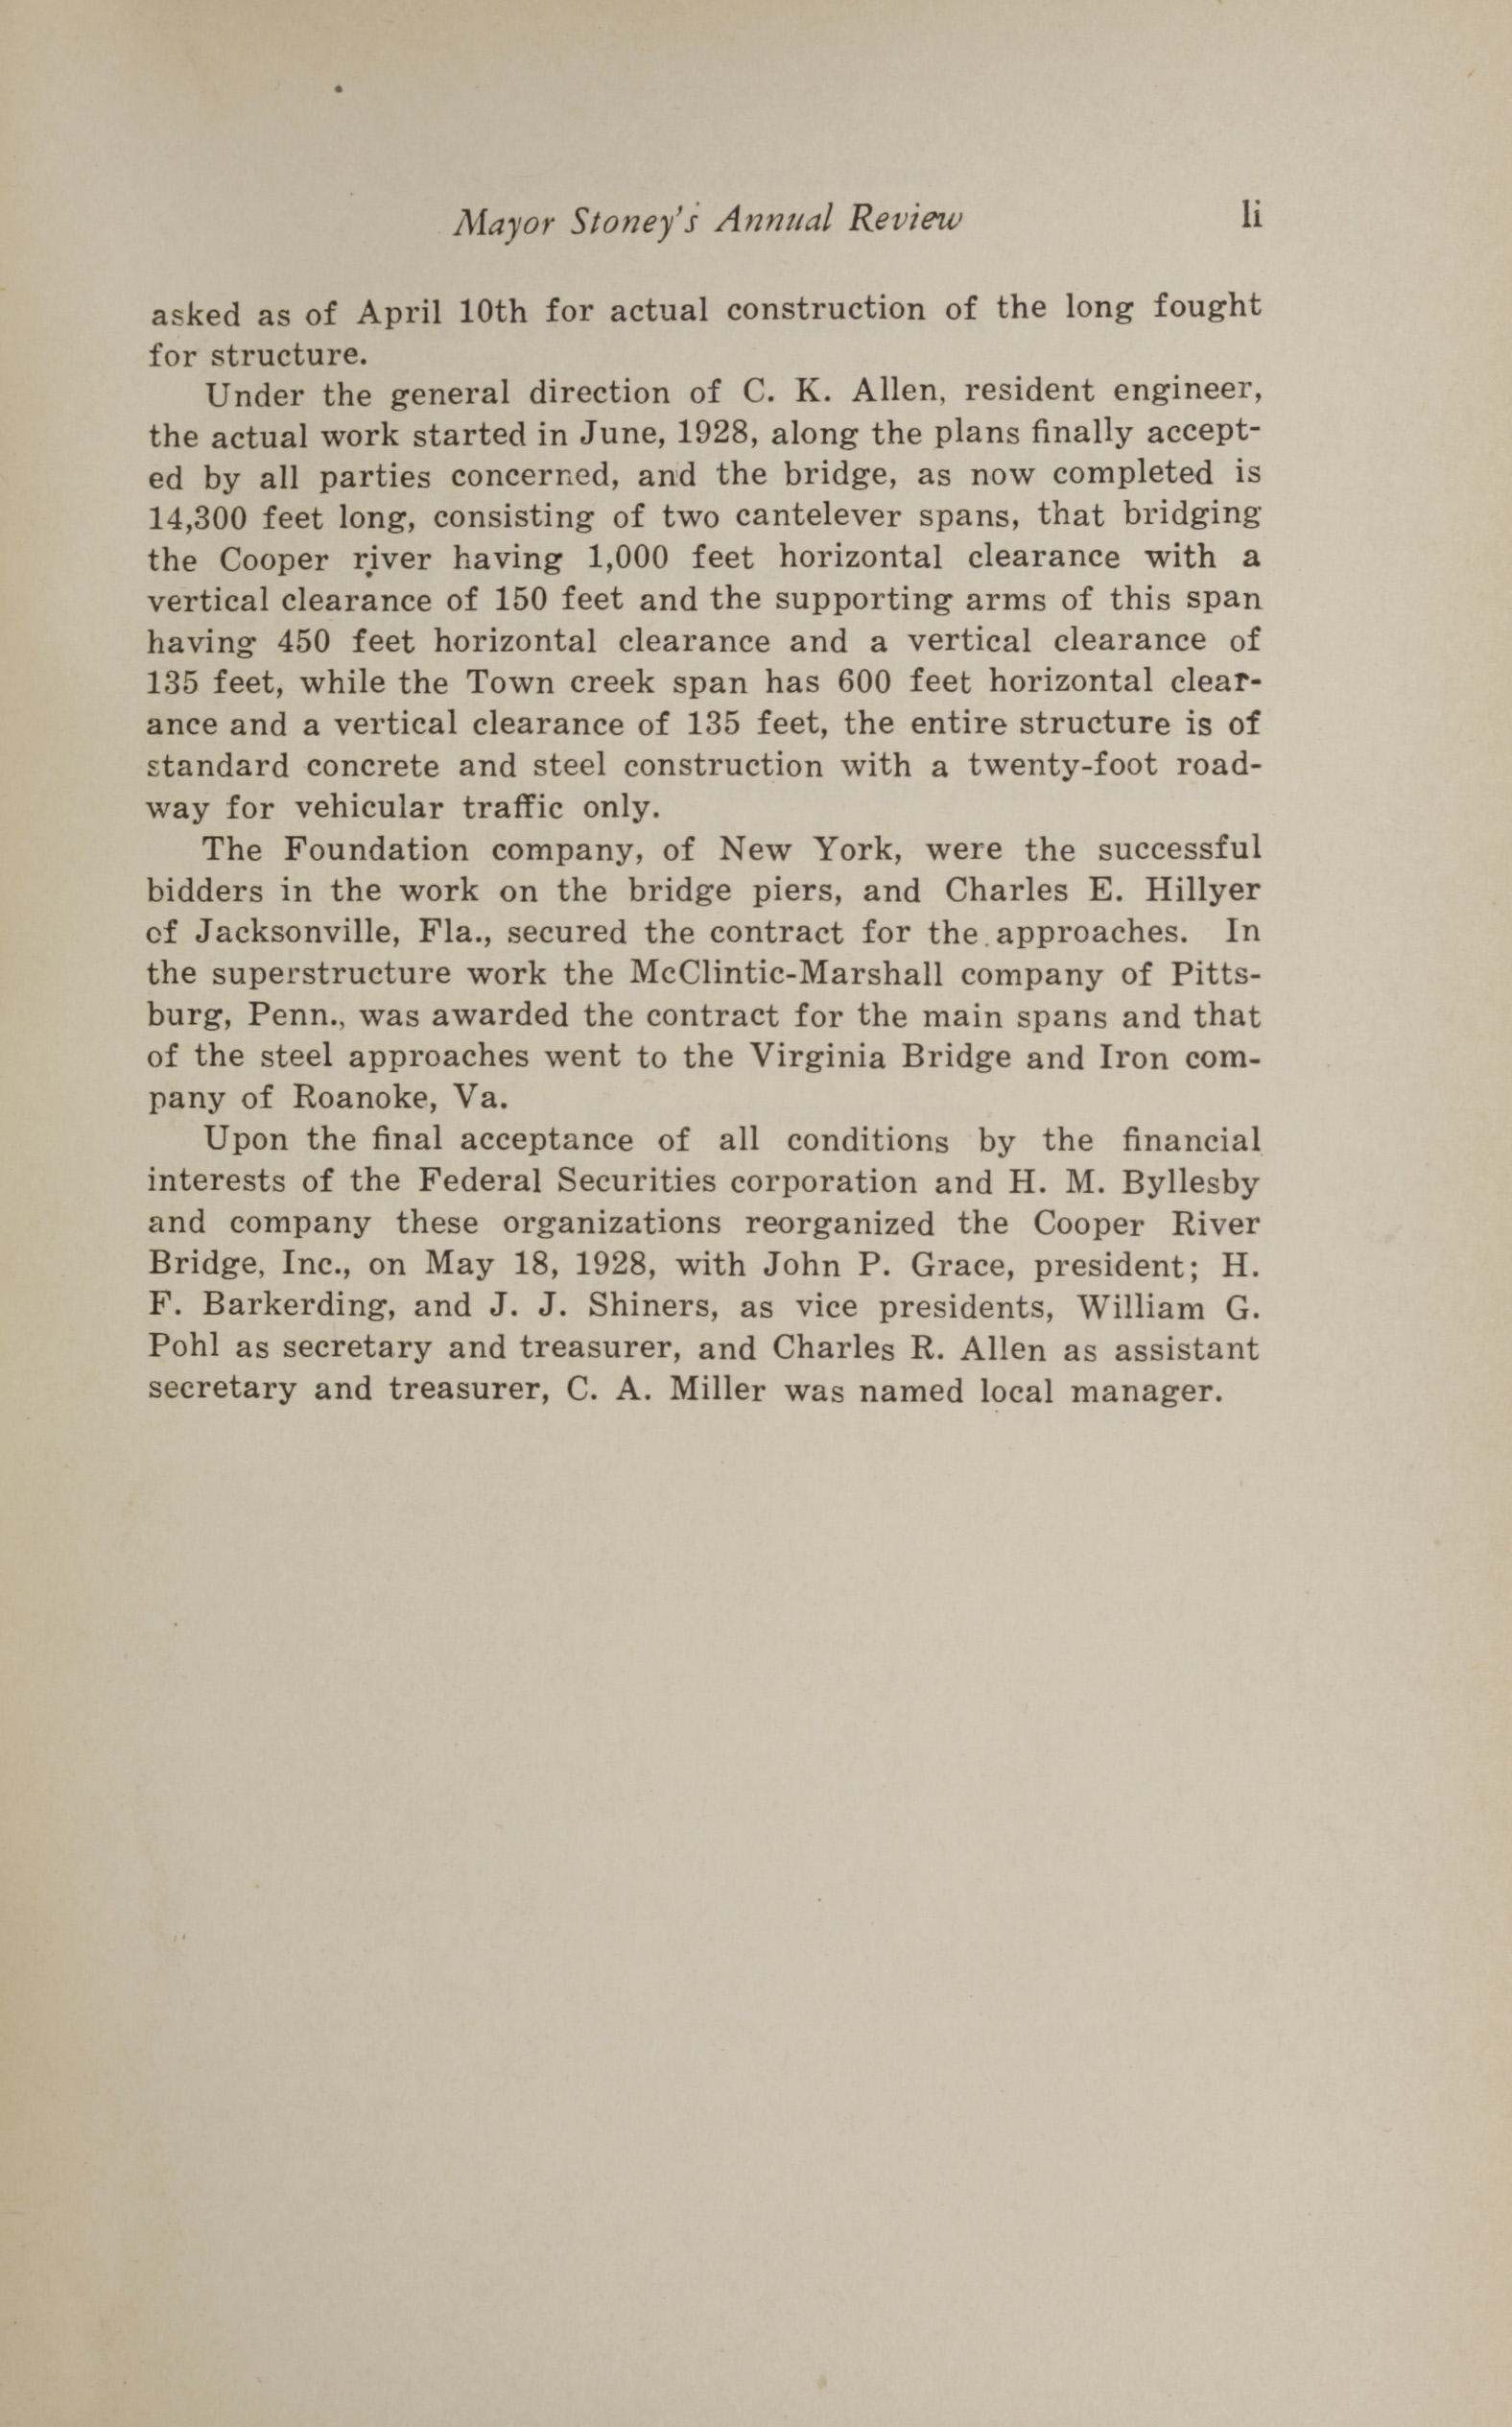 Charleston Yearbook, 1930, page li